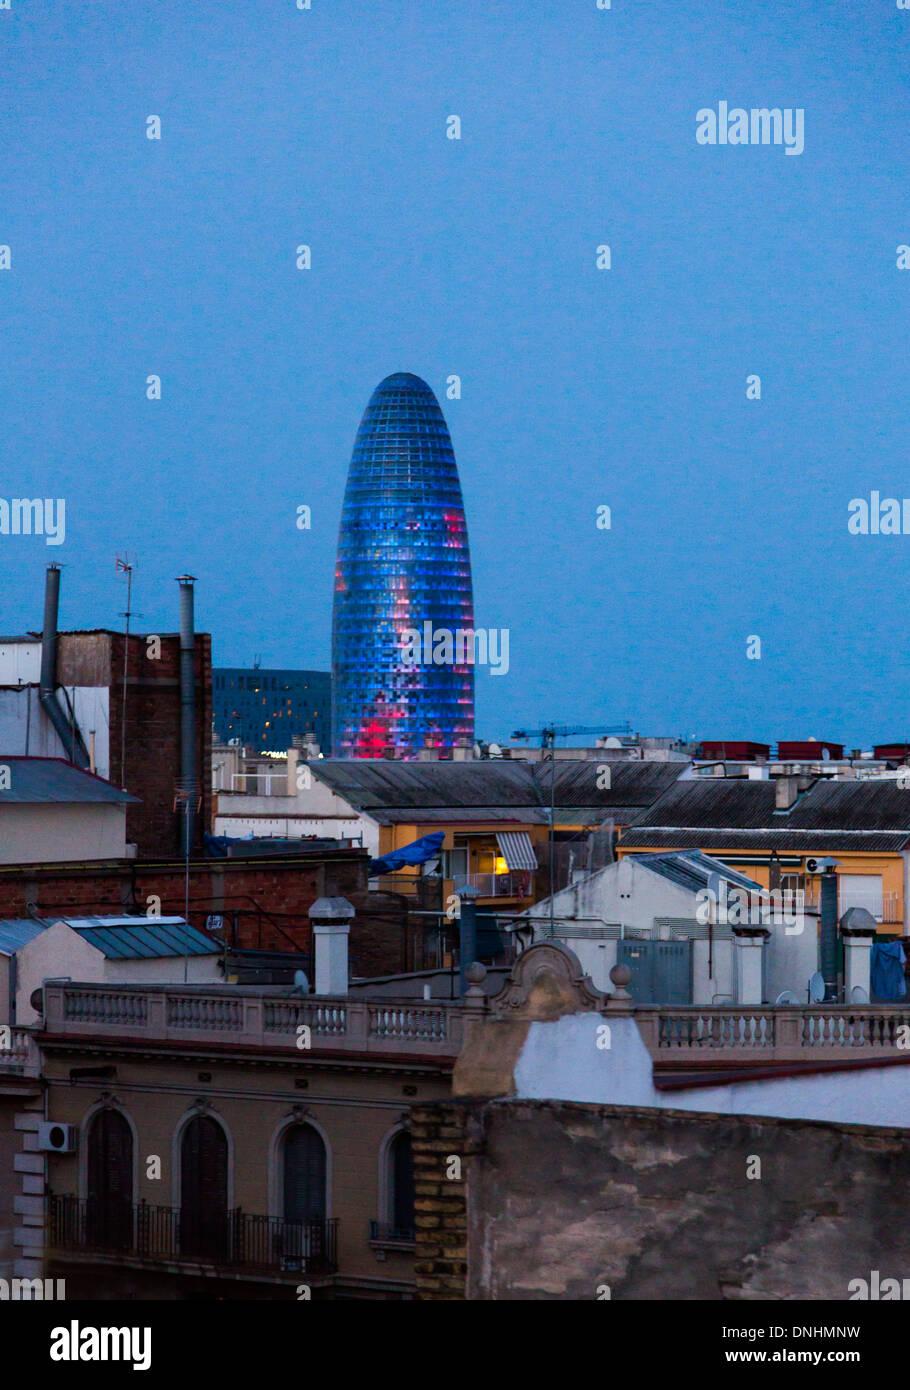 In einer Stadt, Turm, Torre Agbar, Barcelona, Katalonien, Spanien Stockbild